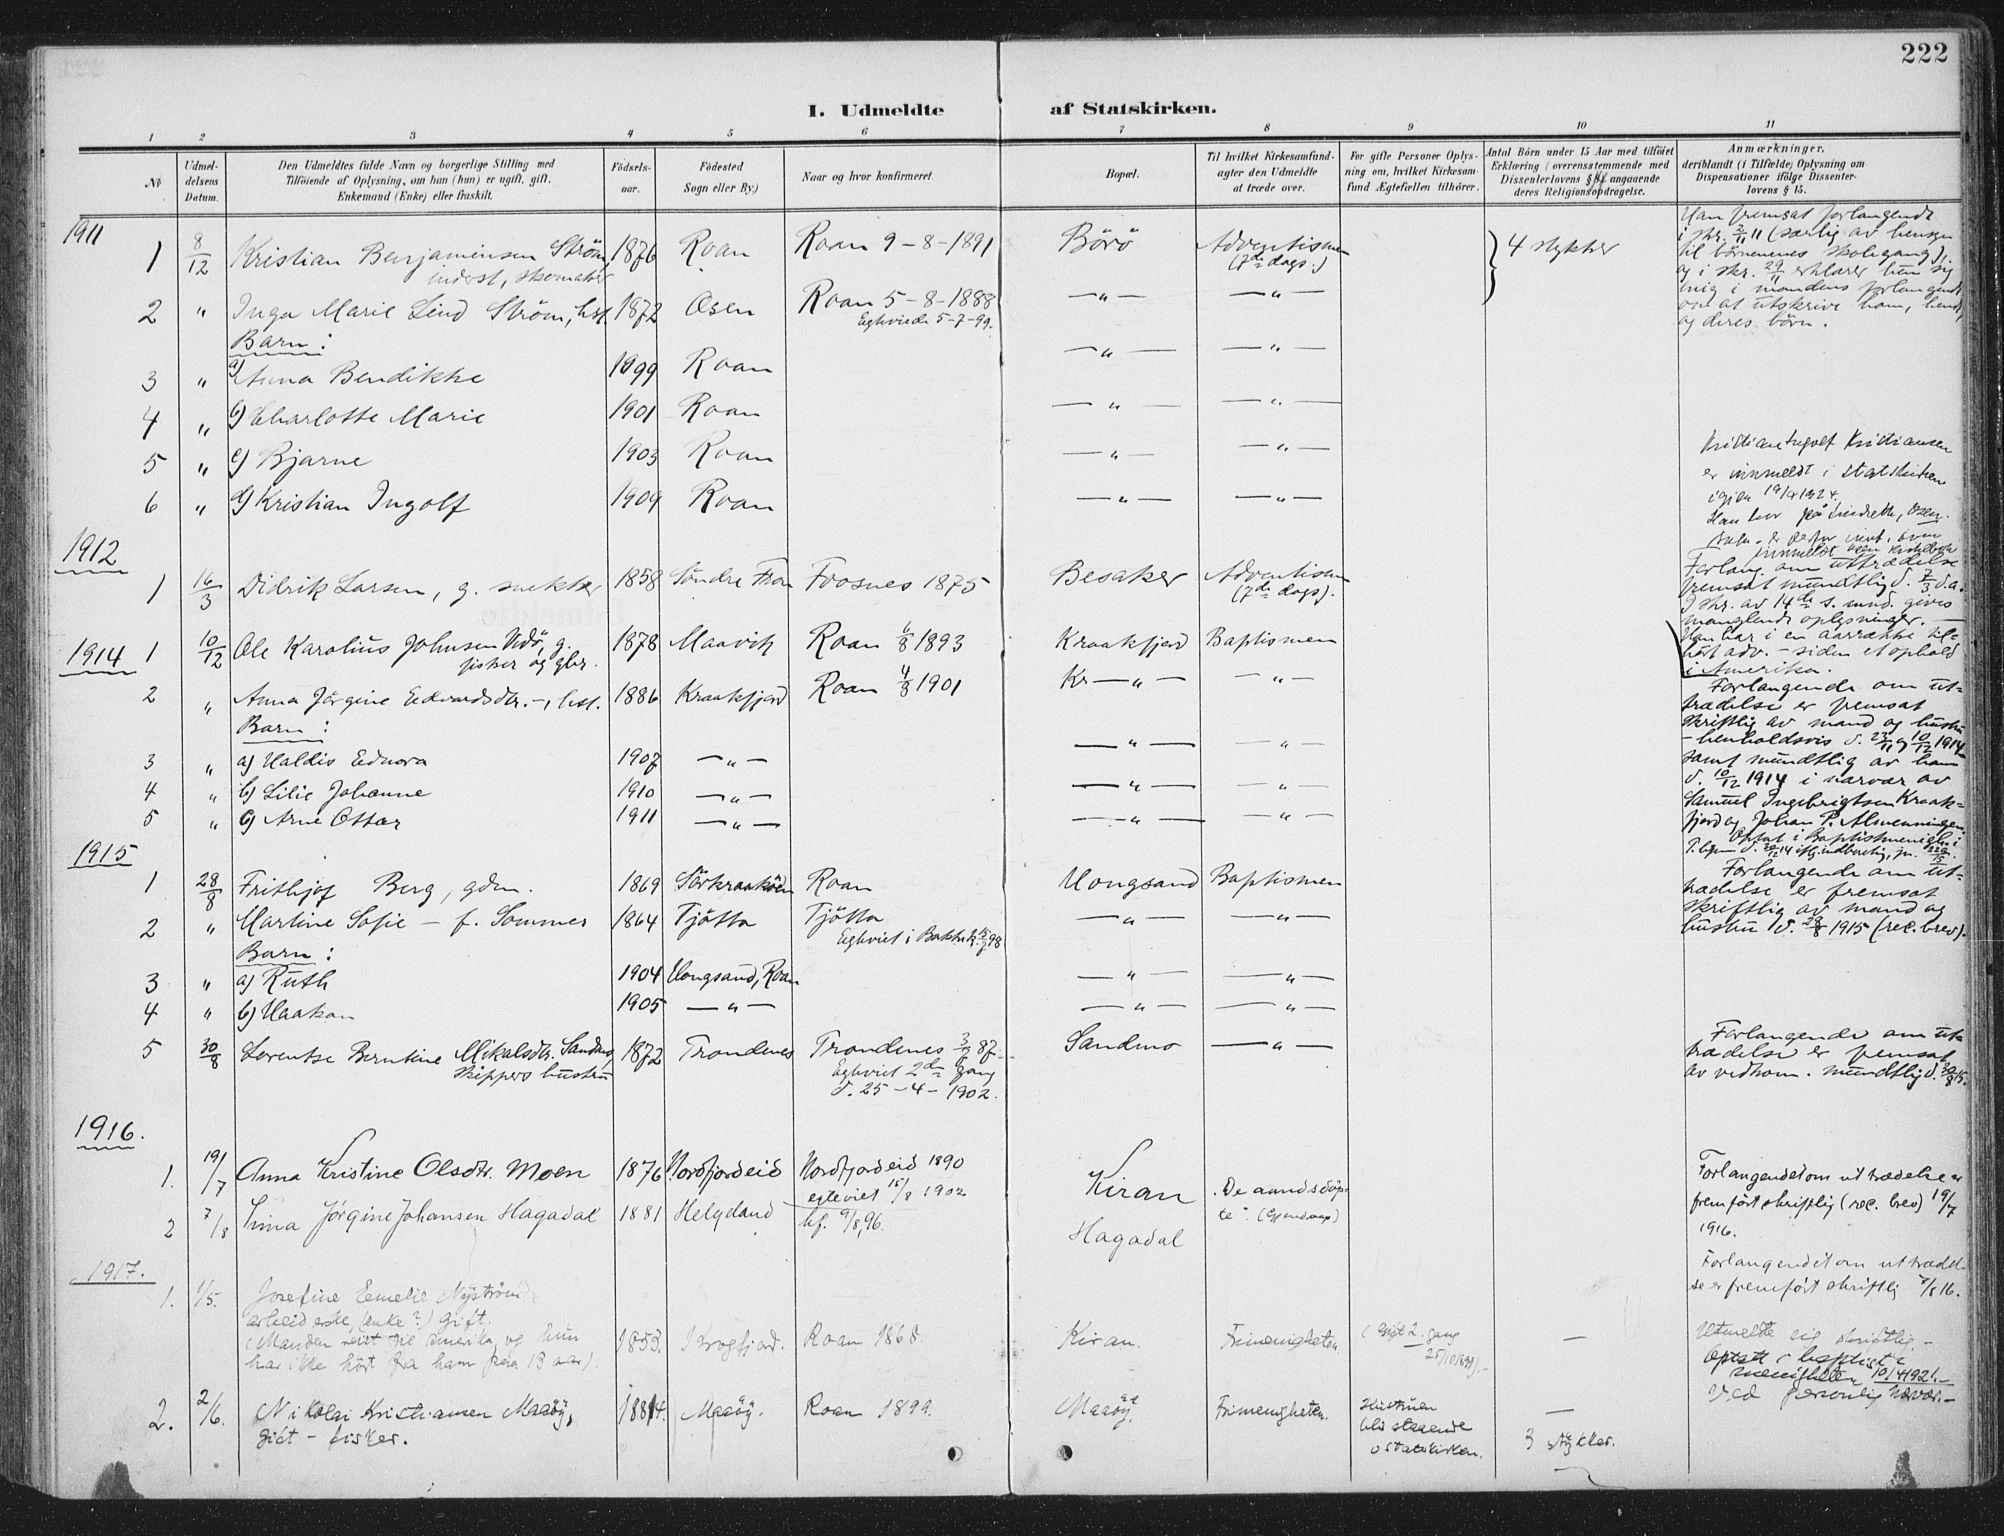 SAT, Ministerialprotokoller, klokkerbøker og fødselsregistre - Sør-Trøndelag, 657/L0709: Ministerialbok nr. 657A10, 1905-1919, s. 222